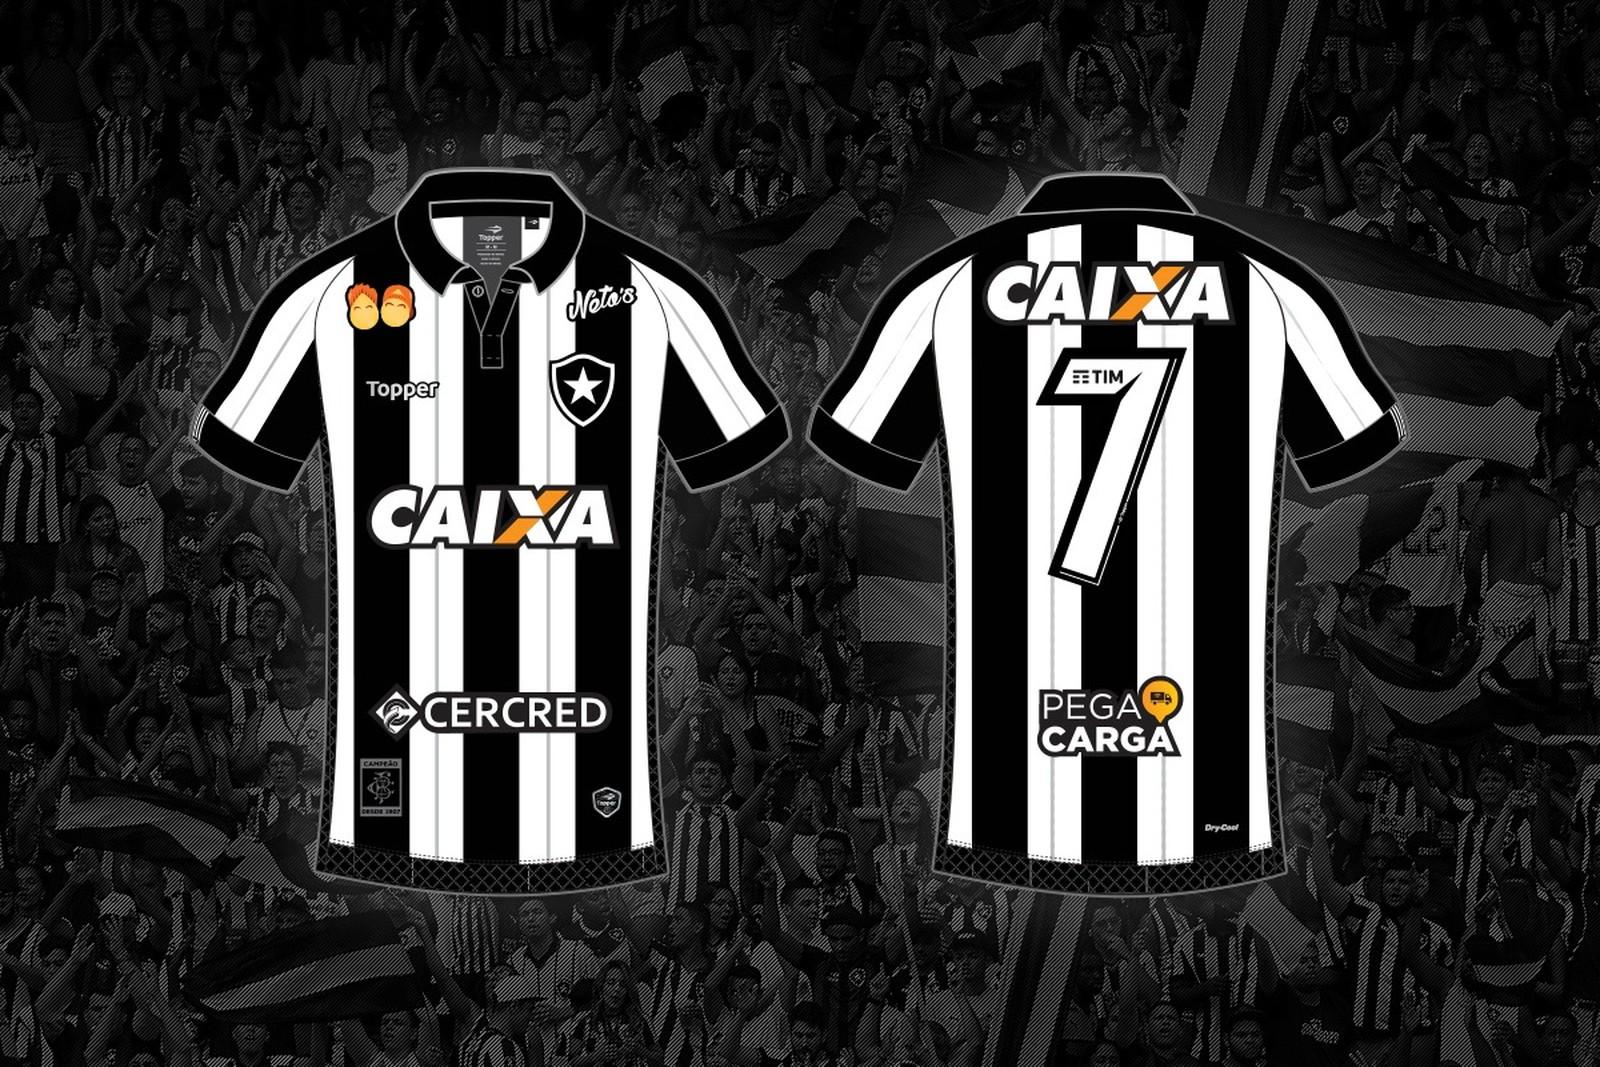 2bb66b07490b5 Uniforme do Botafogo em 2018 teve seis patrocinadores fixos